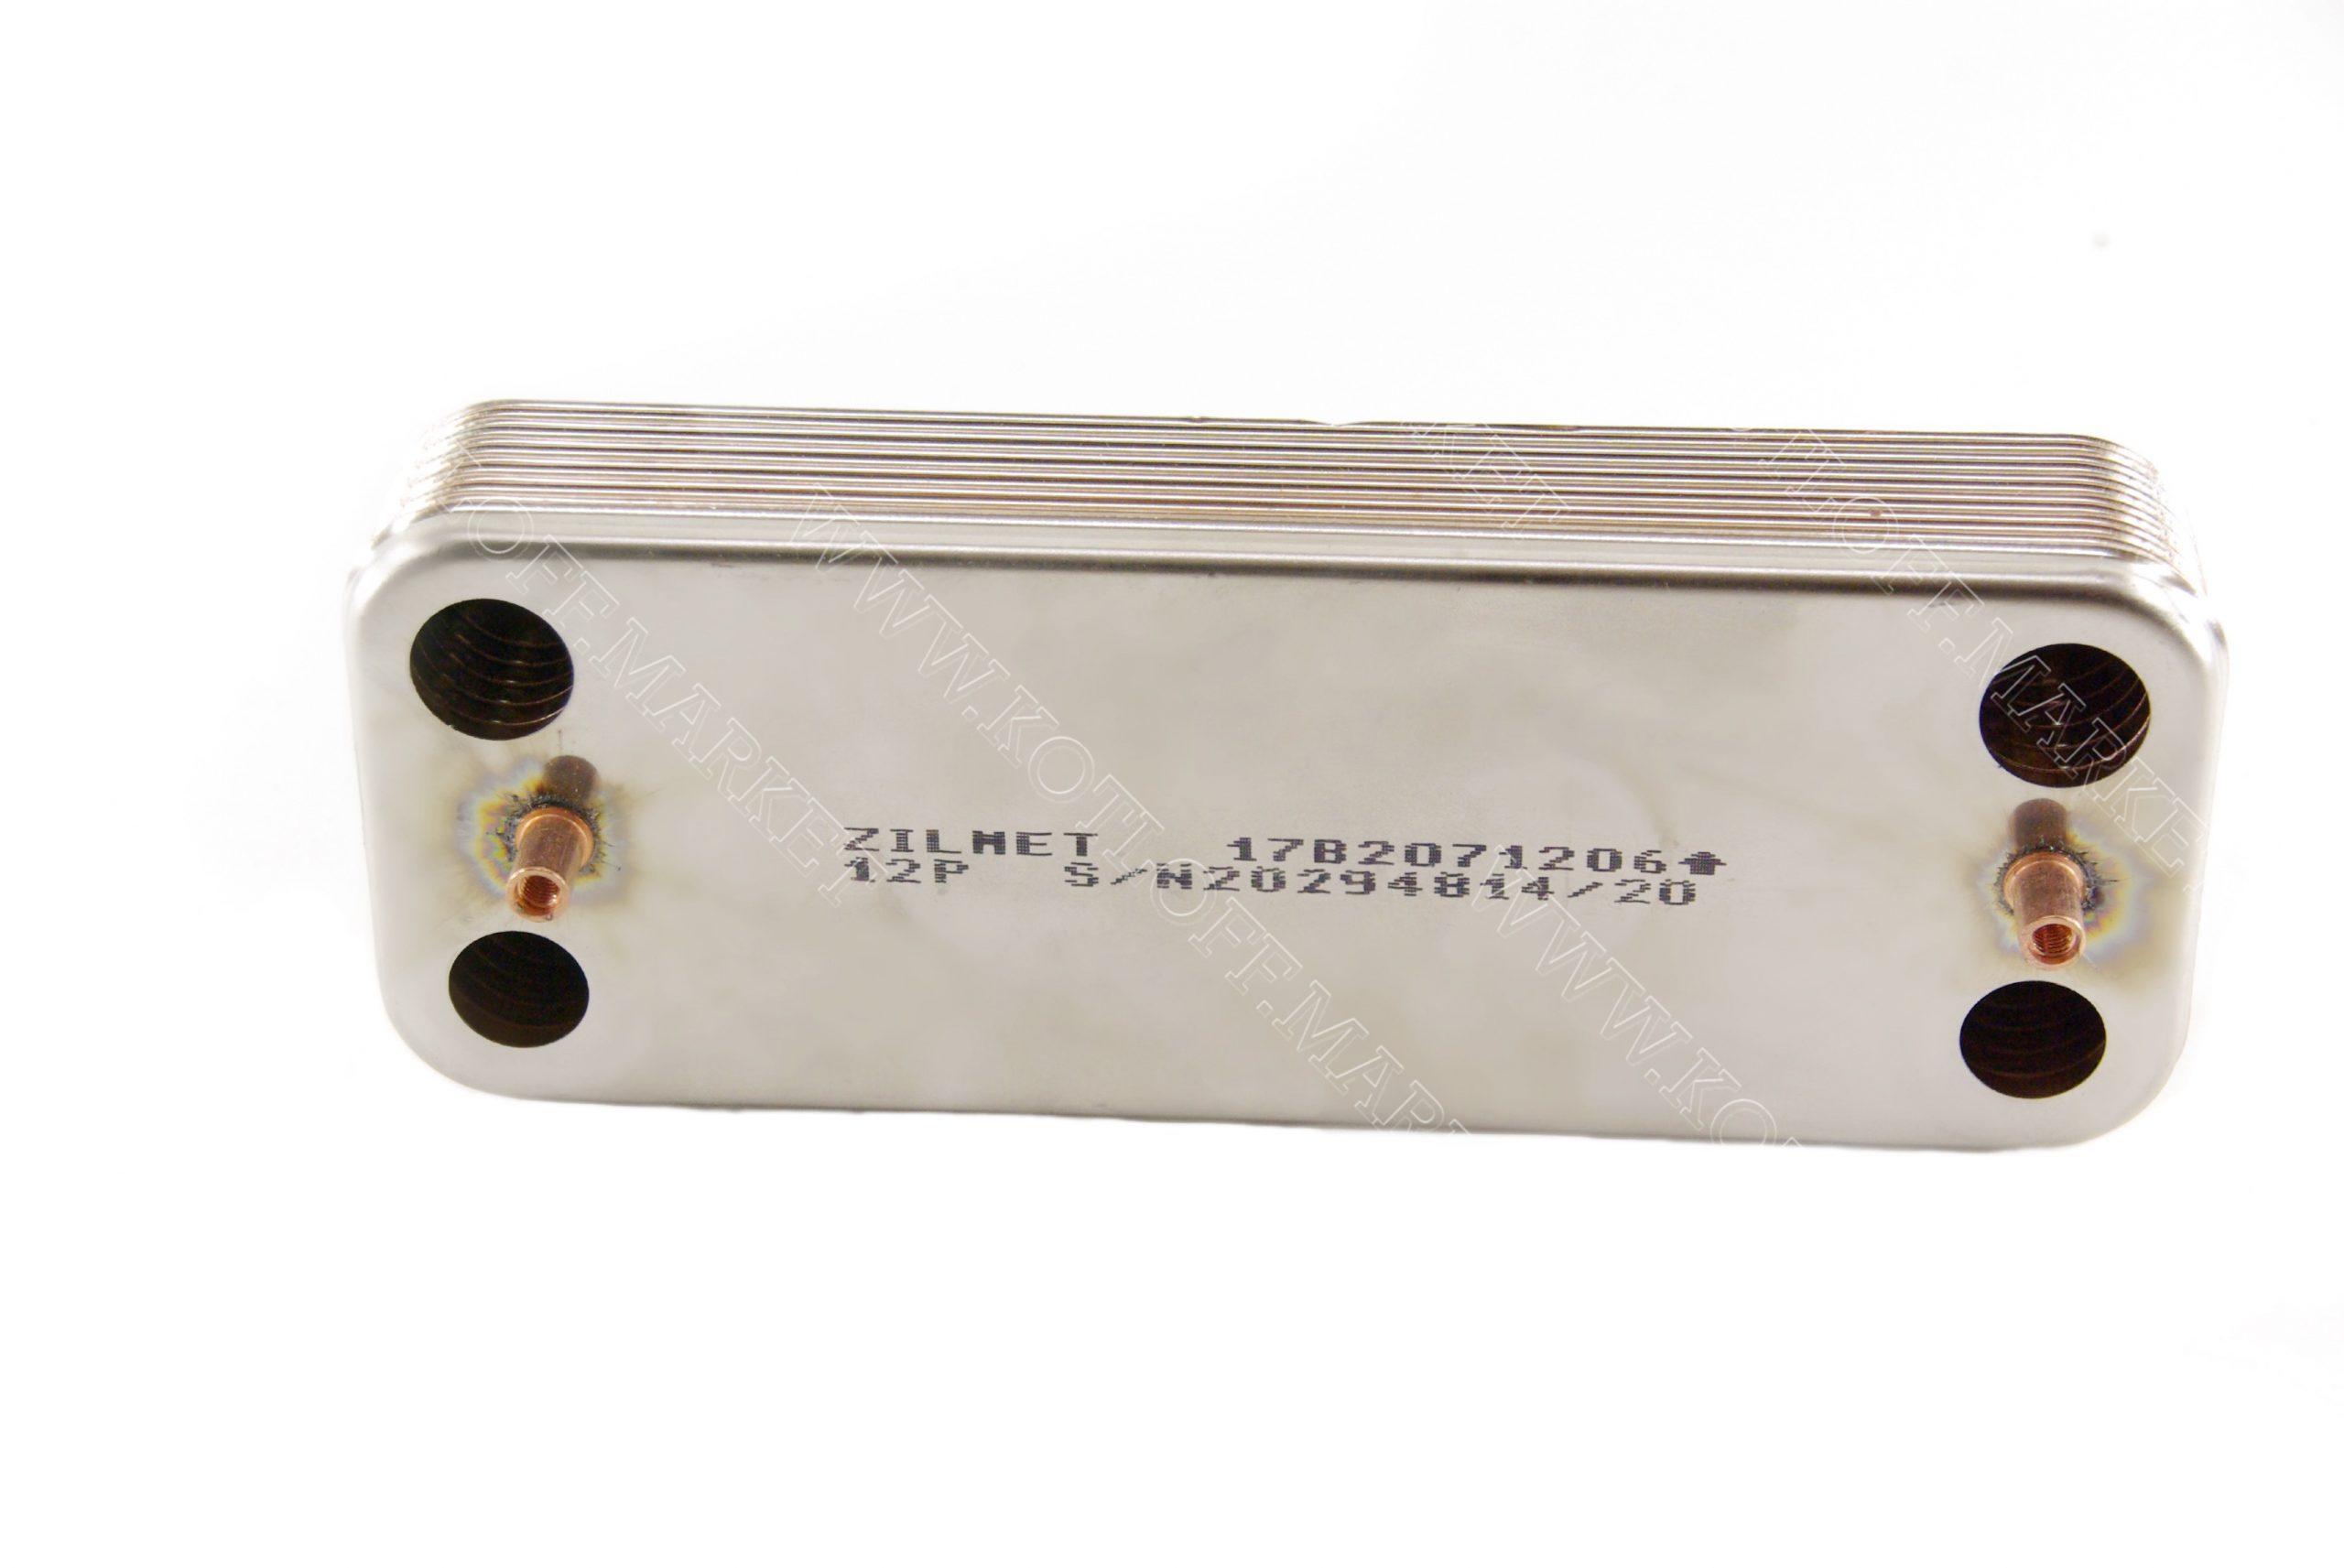 Теплообменник вторичный Zilmet (192×142) 12 пластин арт. 17B2071206 на газовые котлы Ariston Microgenus